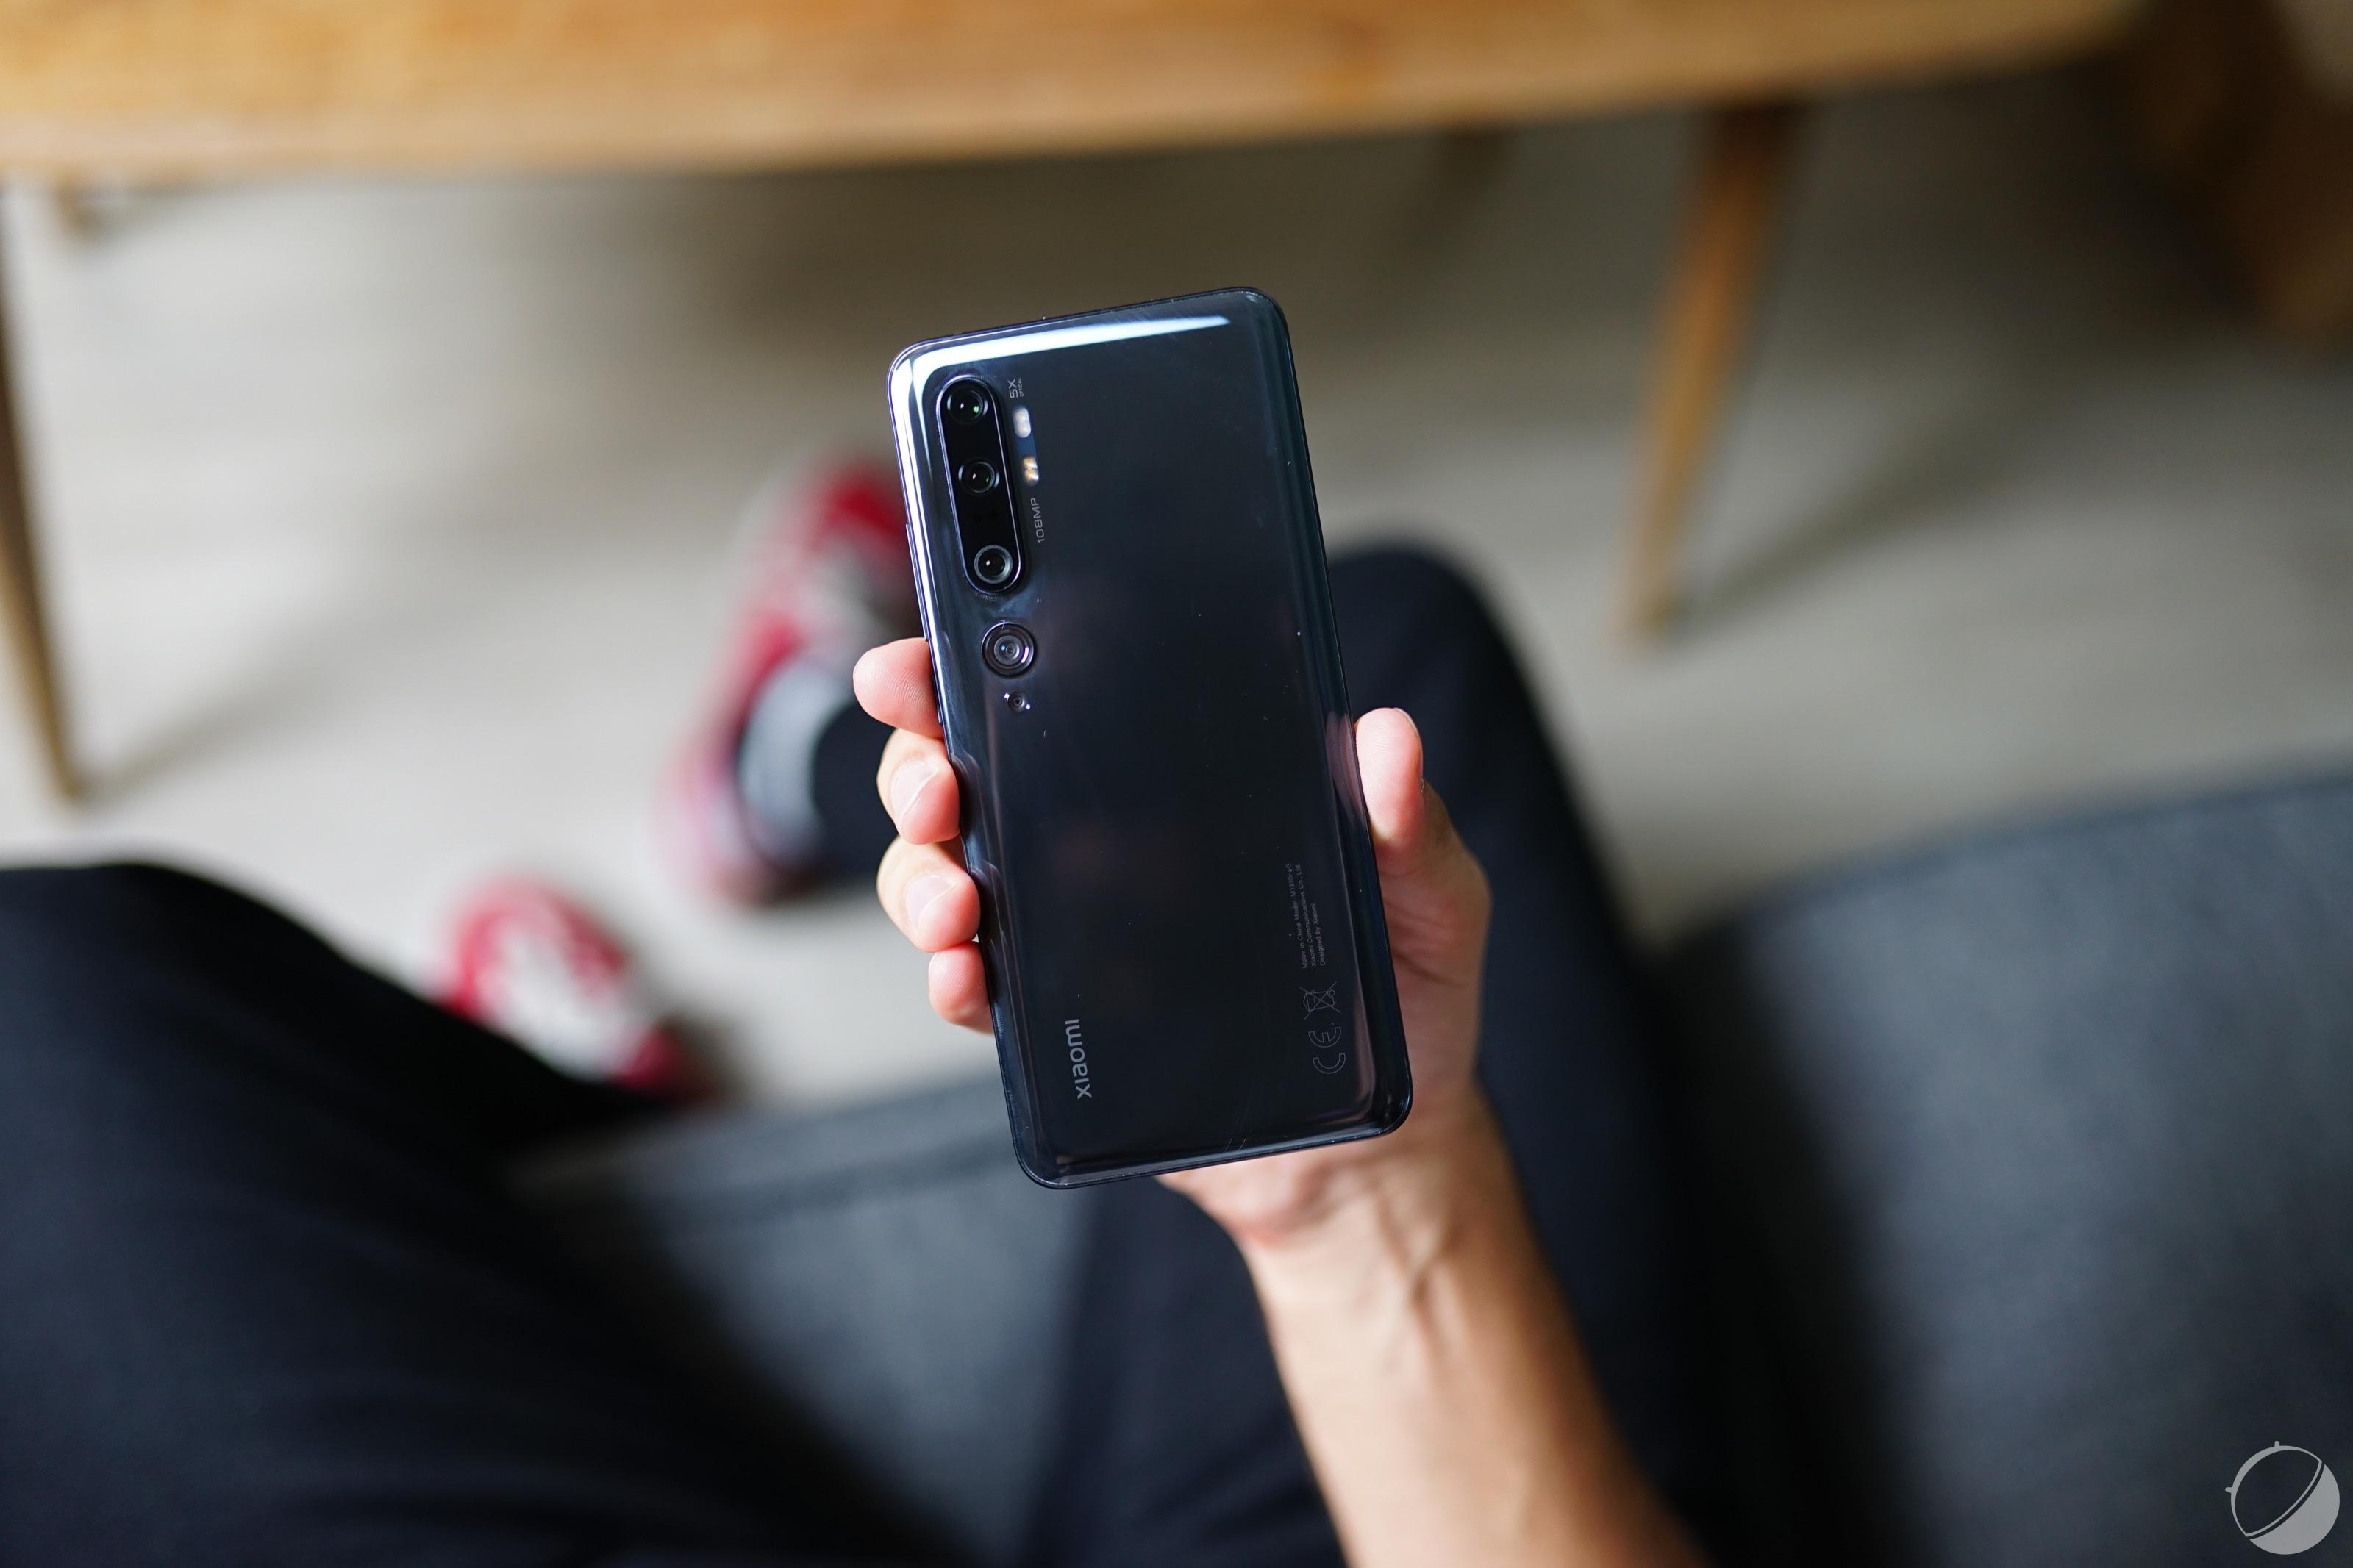 Xiaomi : en 2020, tous les smartphones seront 5G à partir de 2000 yuans (300 euros)